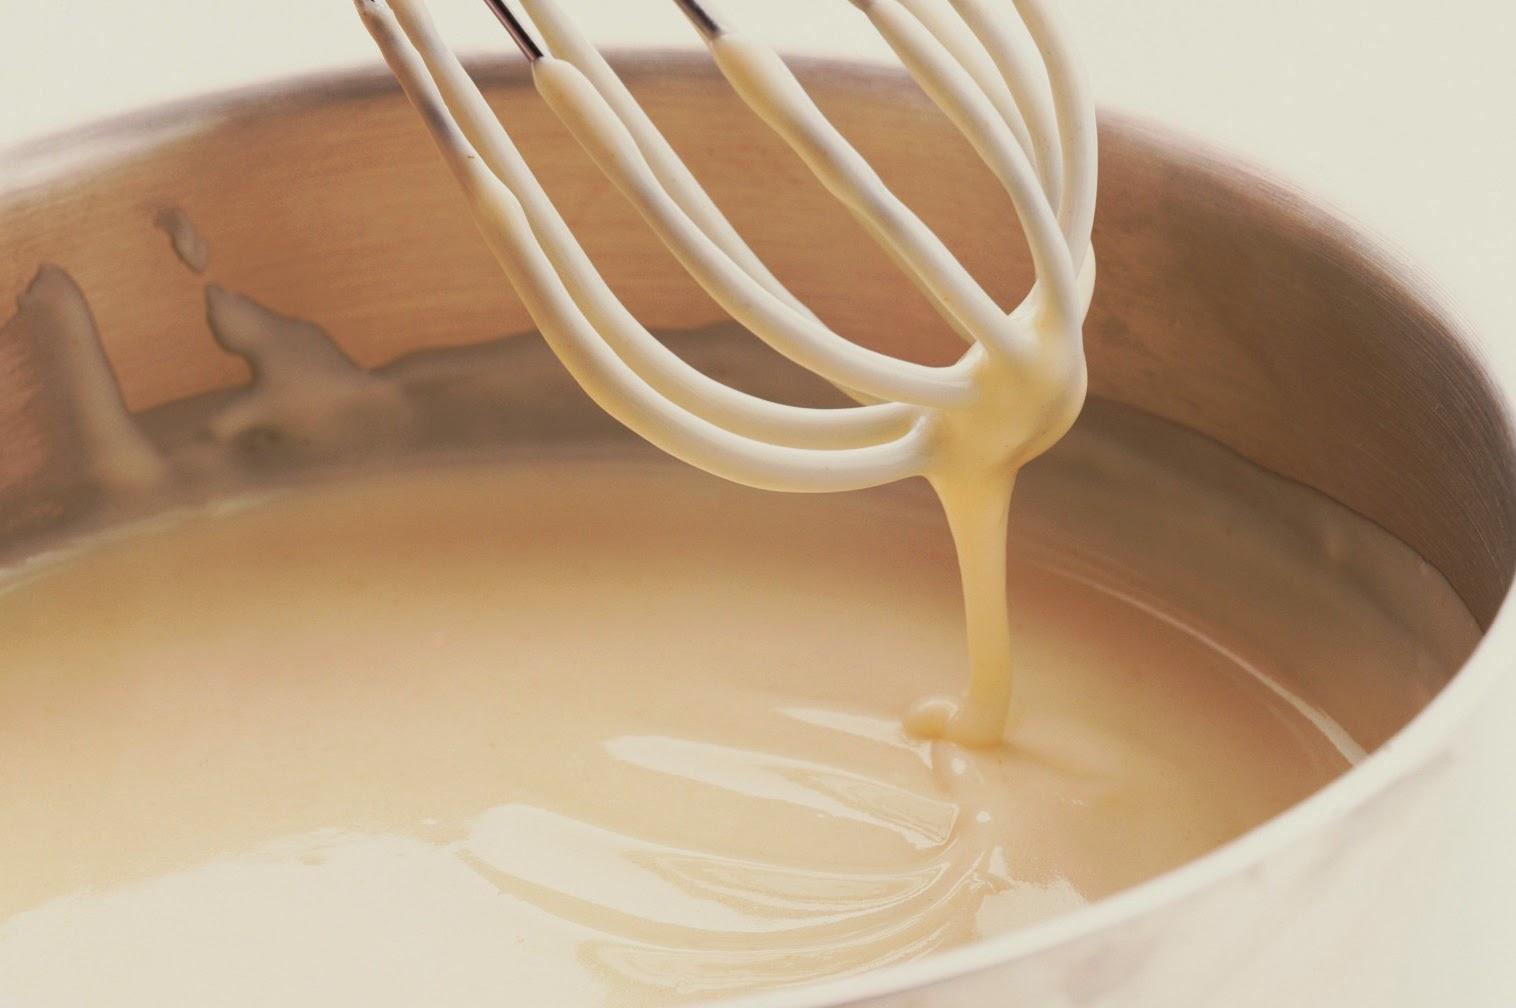 Recetas para Estudiantes: ¿Cómo hacer salsa bechamel de forma fácil?